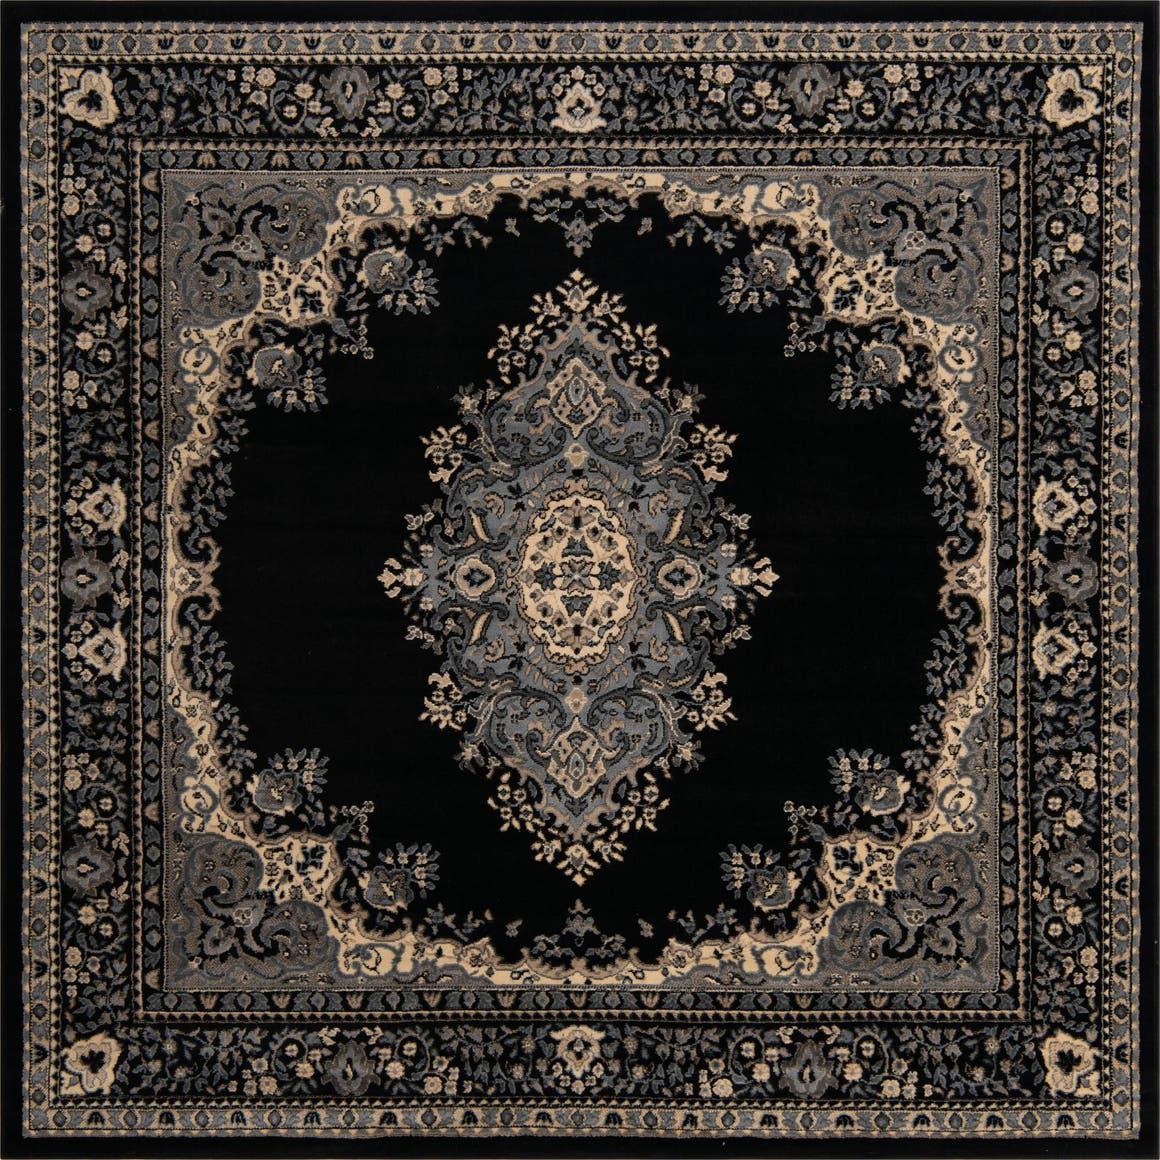 8' x 8' Mashad Design Square Rug main image